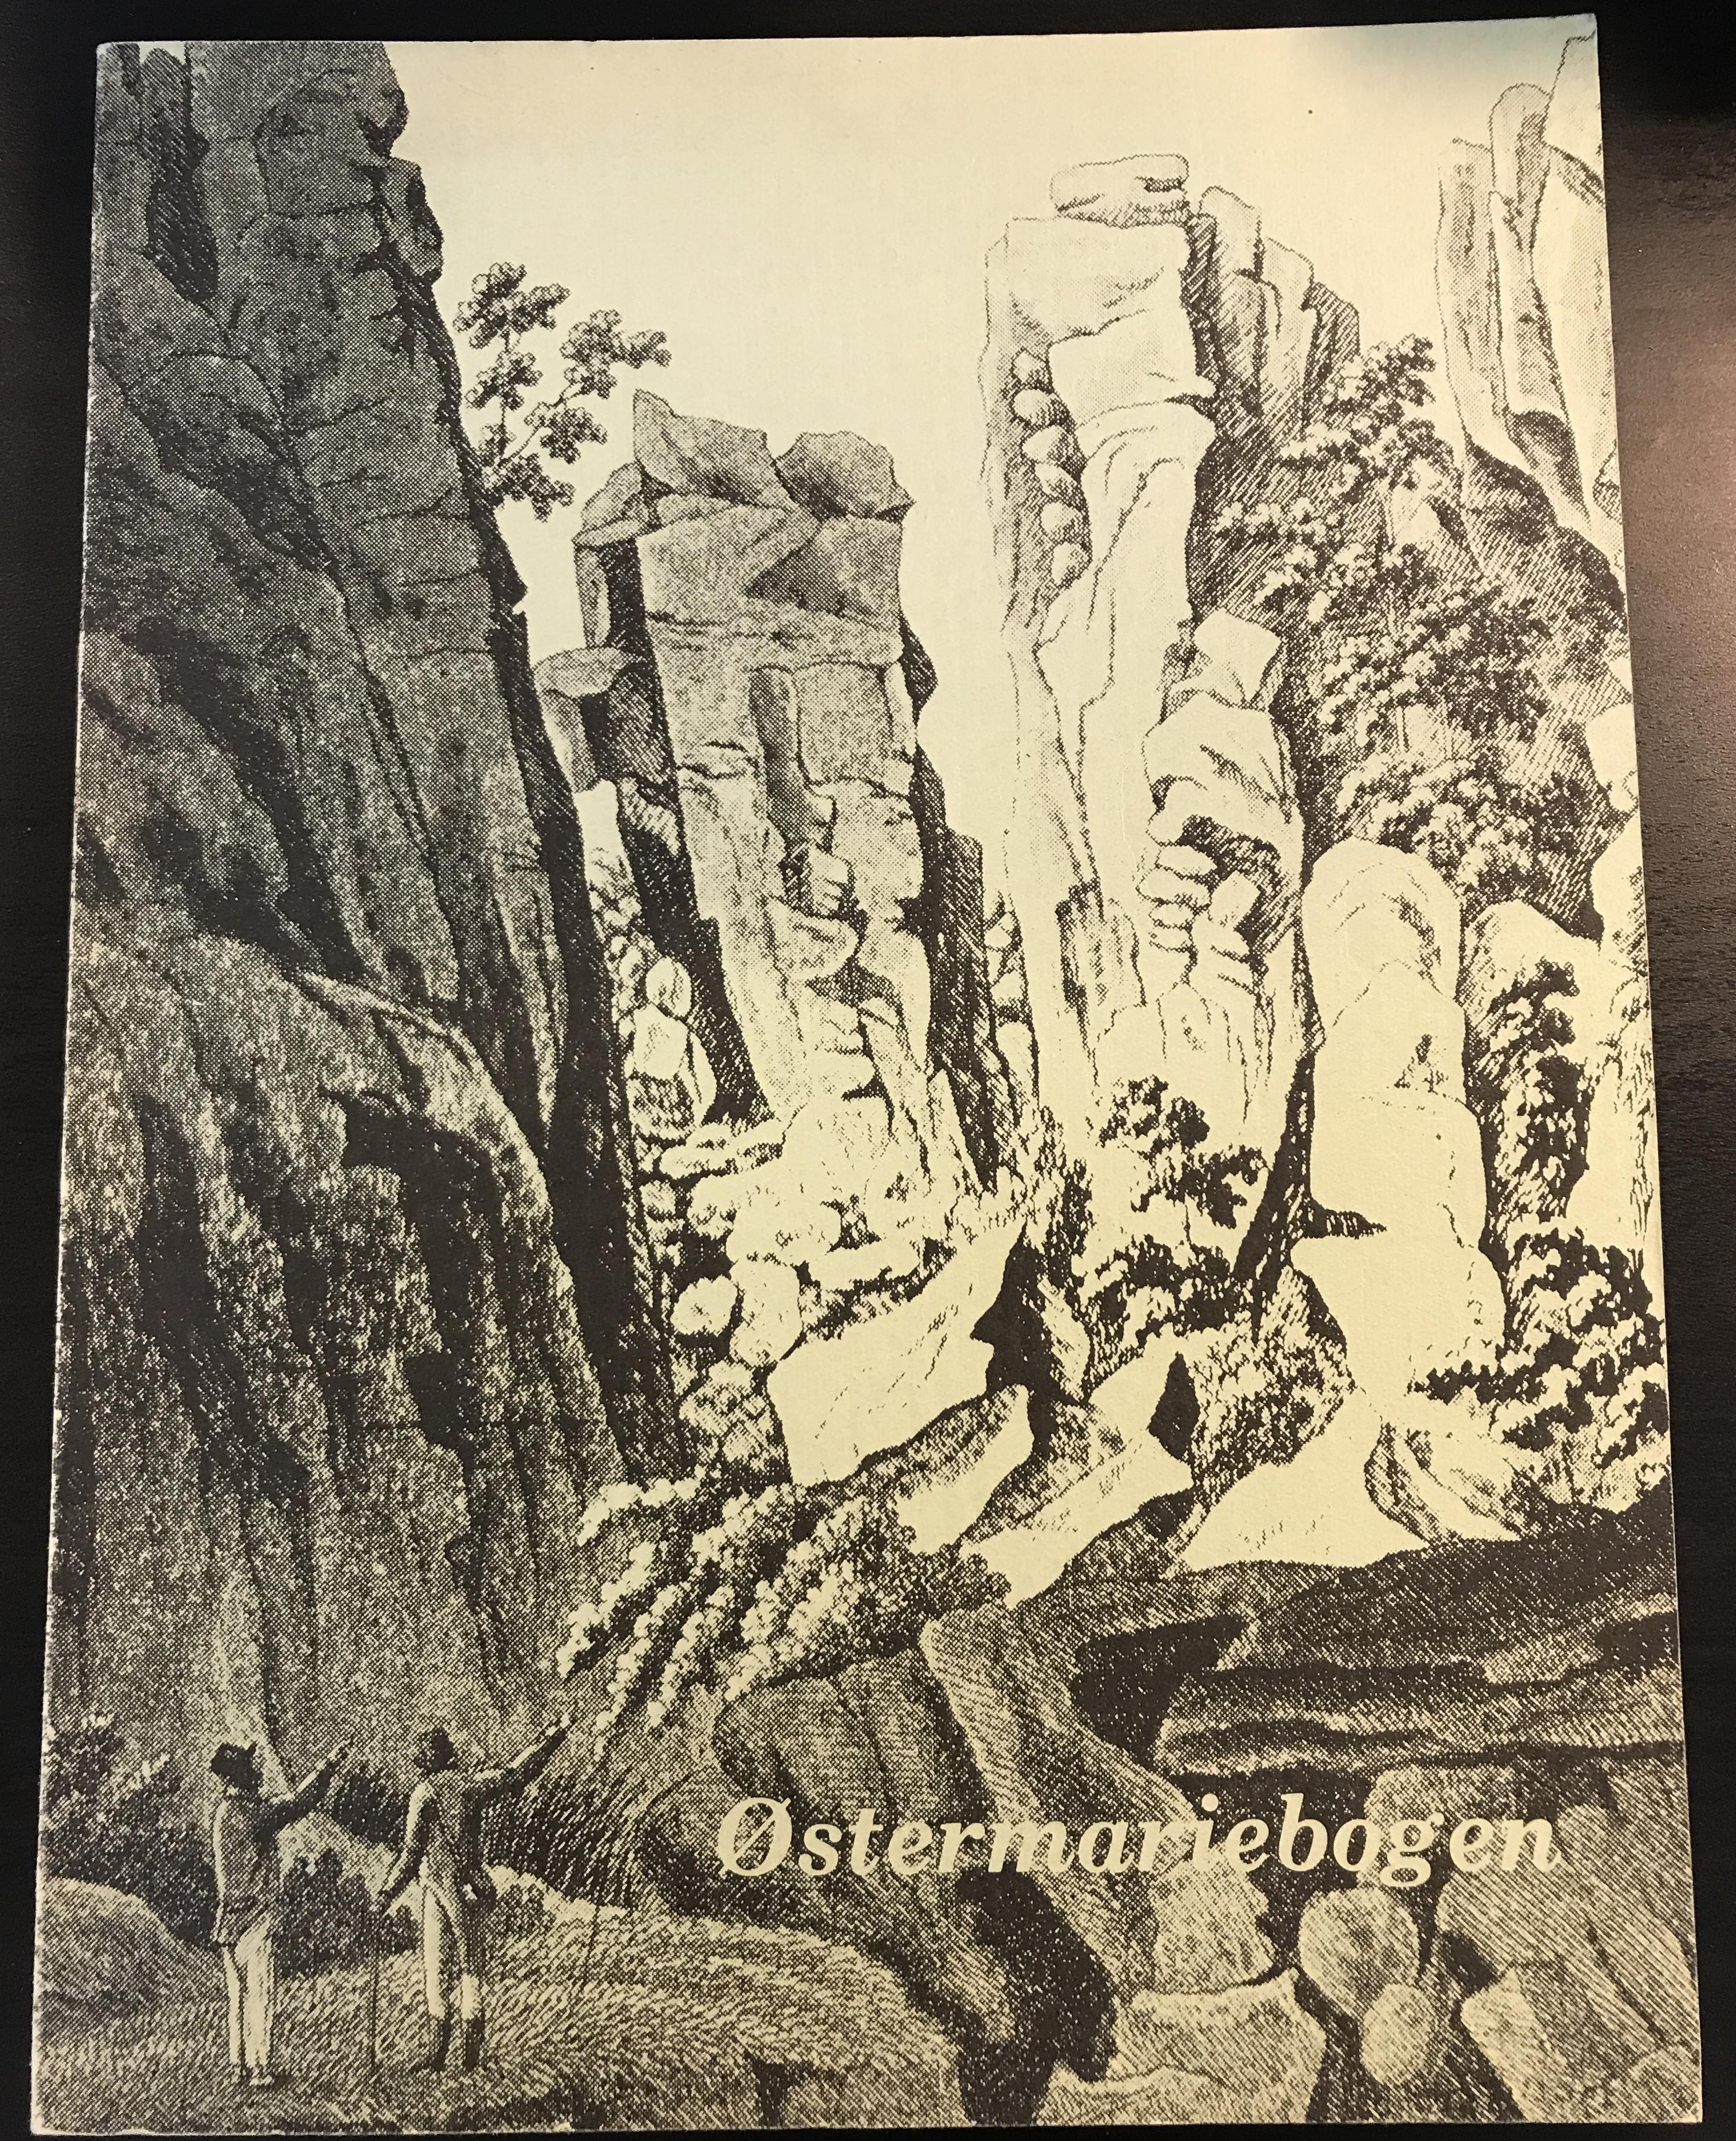 Østermariebogen